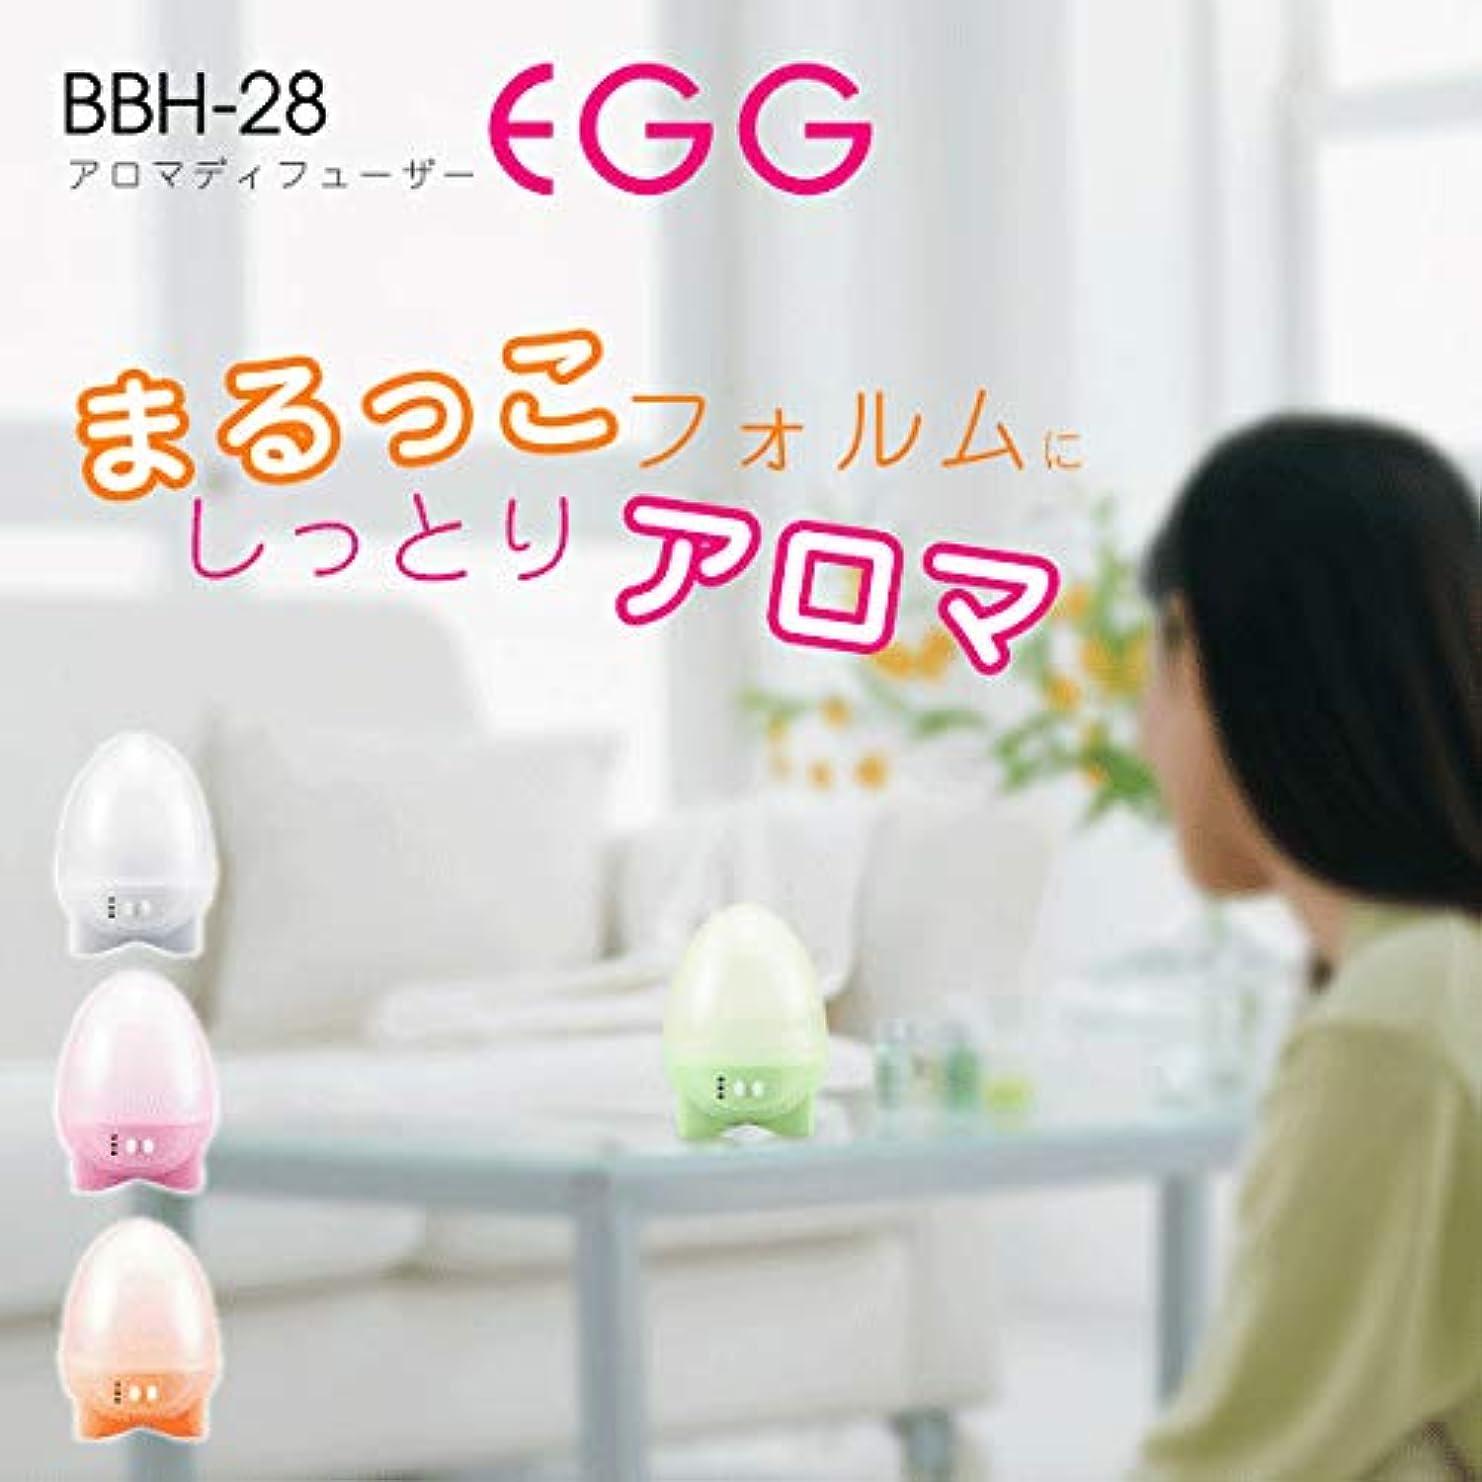 蘇生する感覚みPRISMATE(プリズメイト)アロマディフューザー Egg BBH-28 [在庫有]